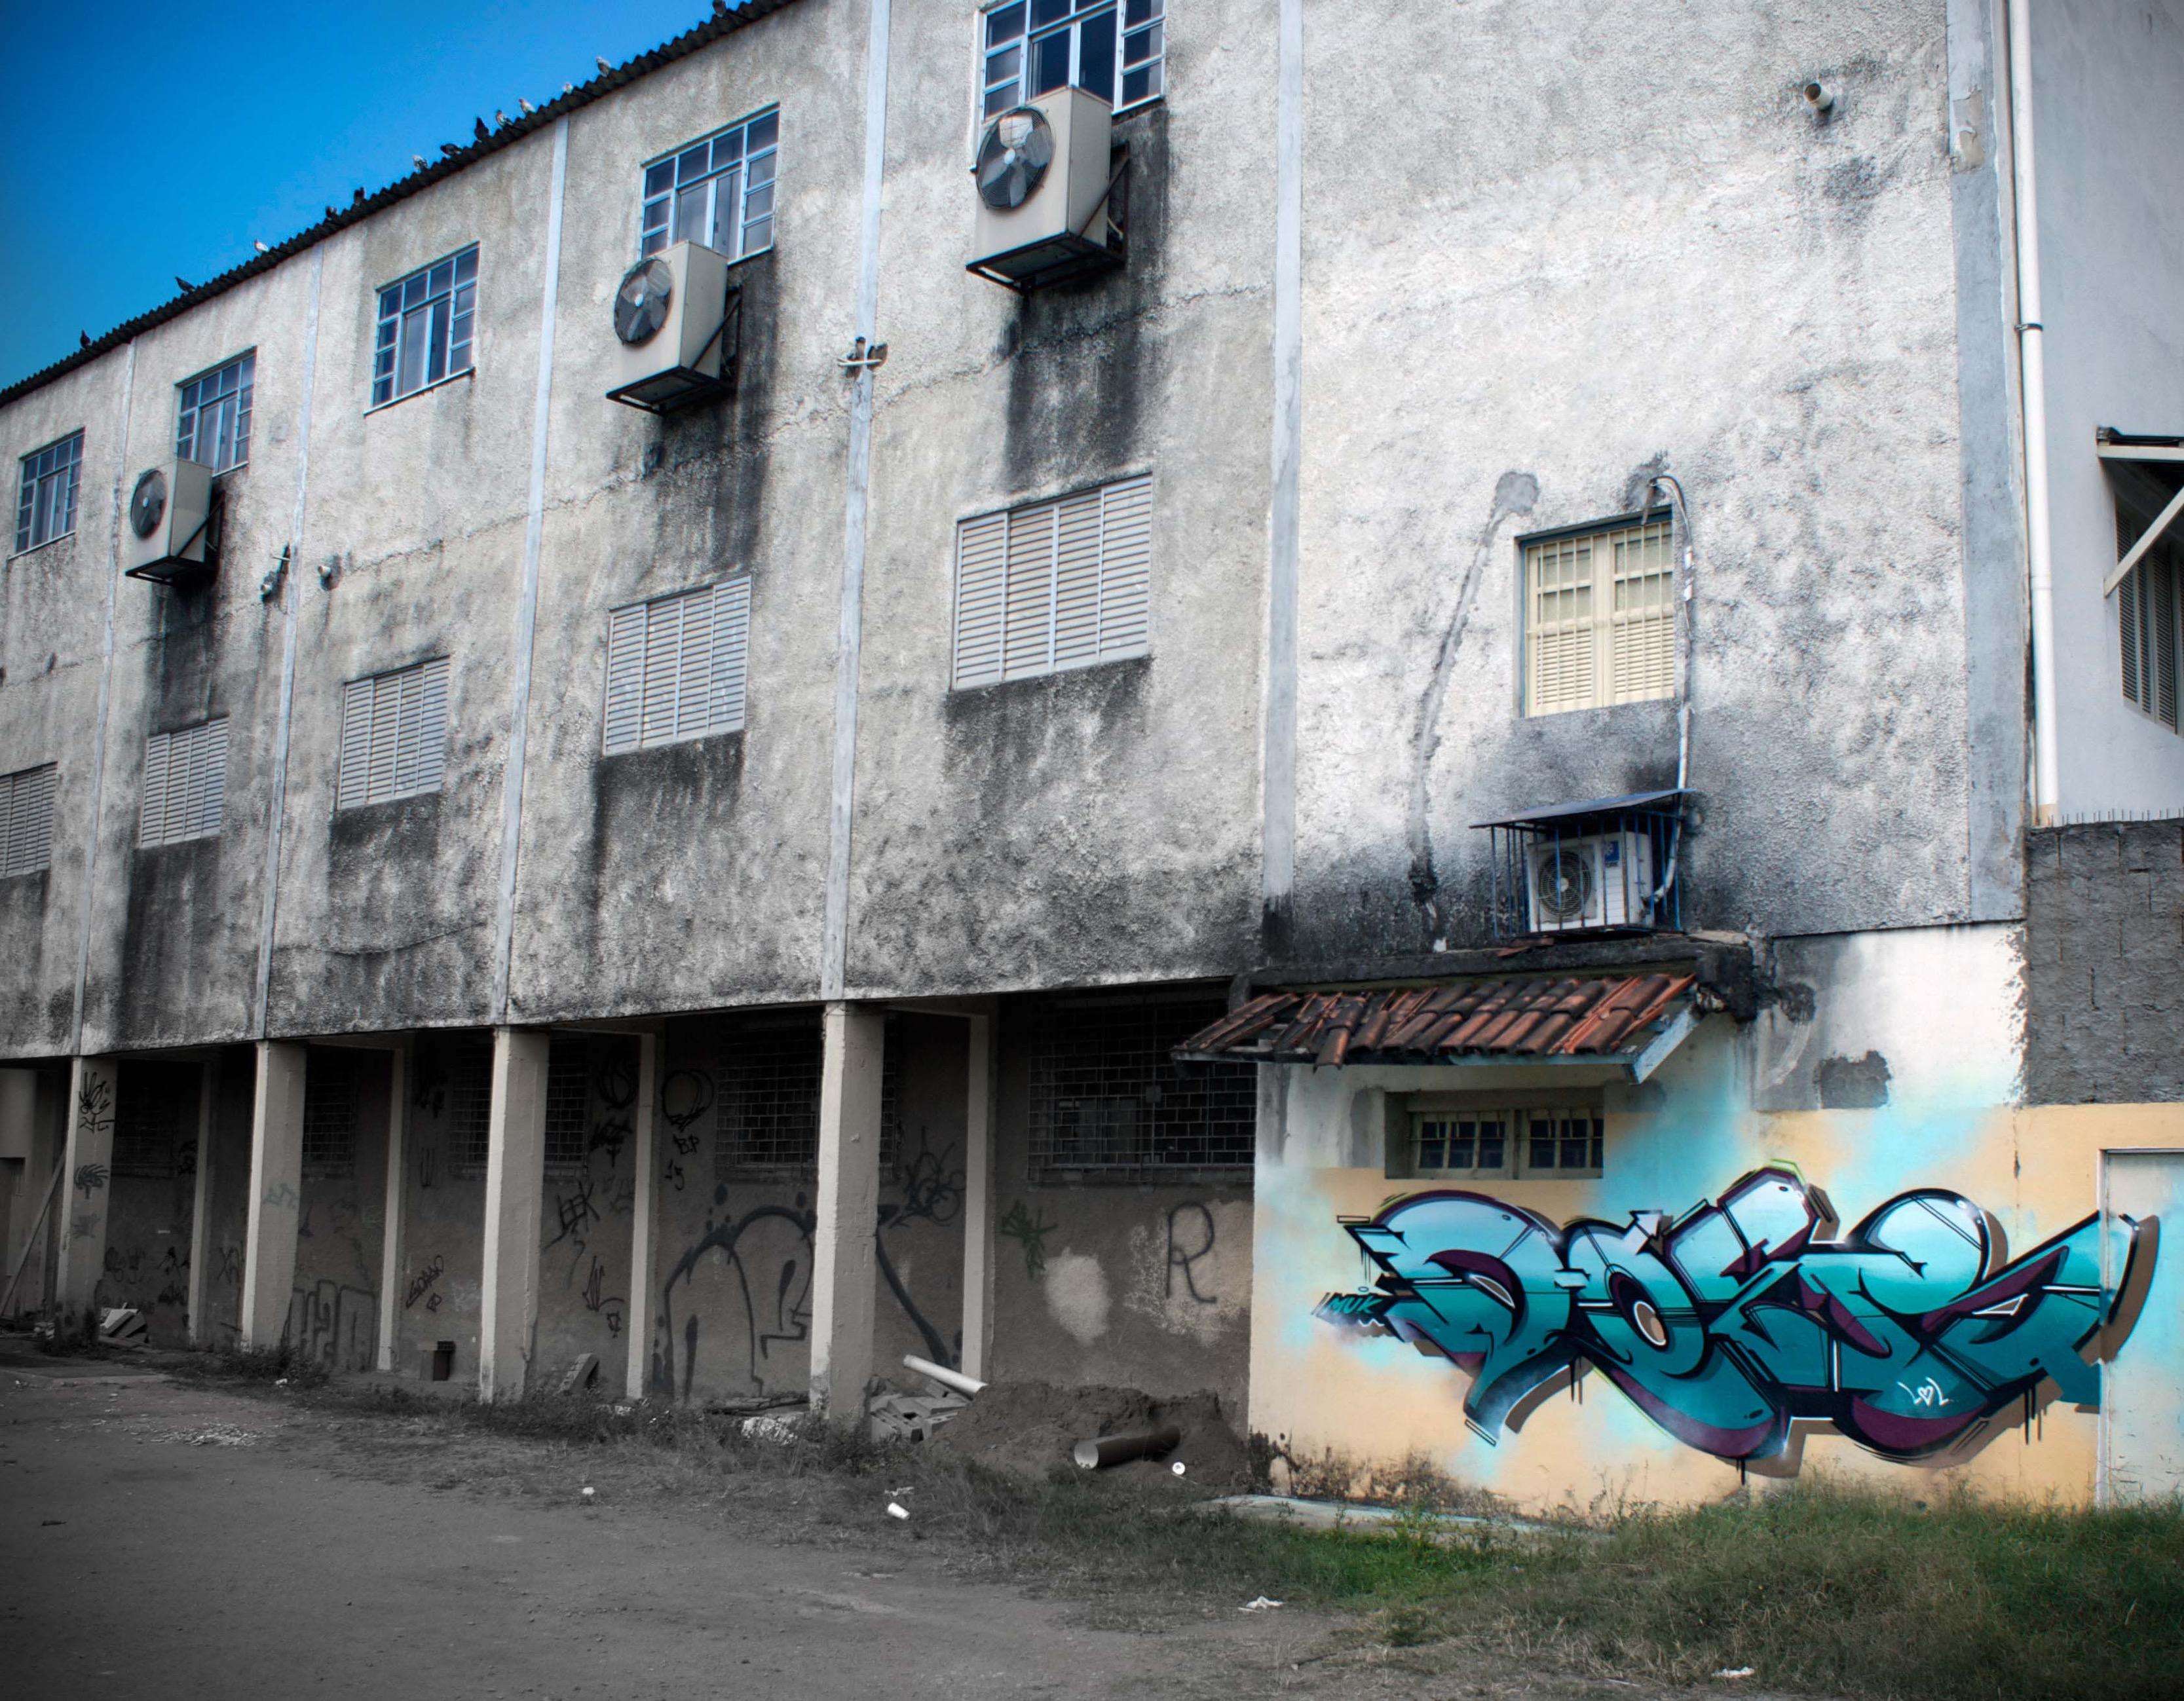 A work by Does - Does favela copacabana rio de Janeiro brazil 2013 3